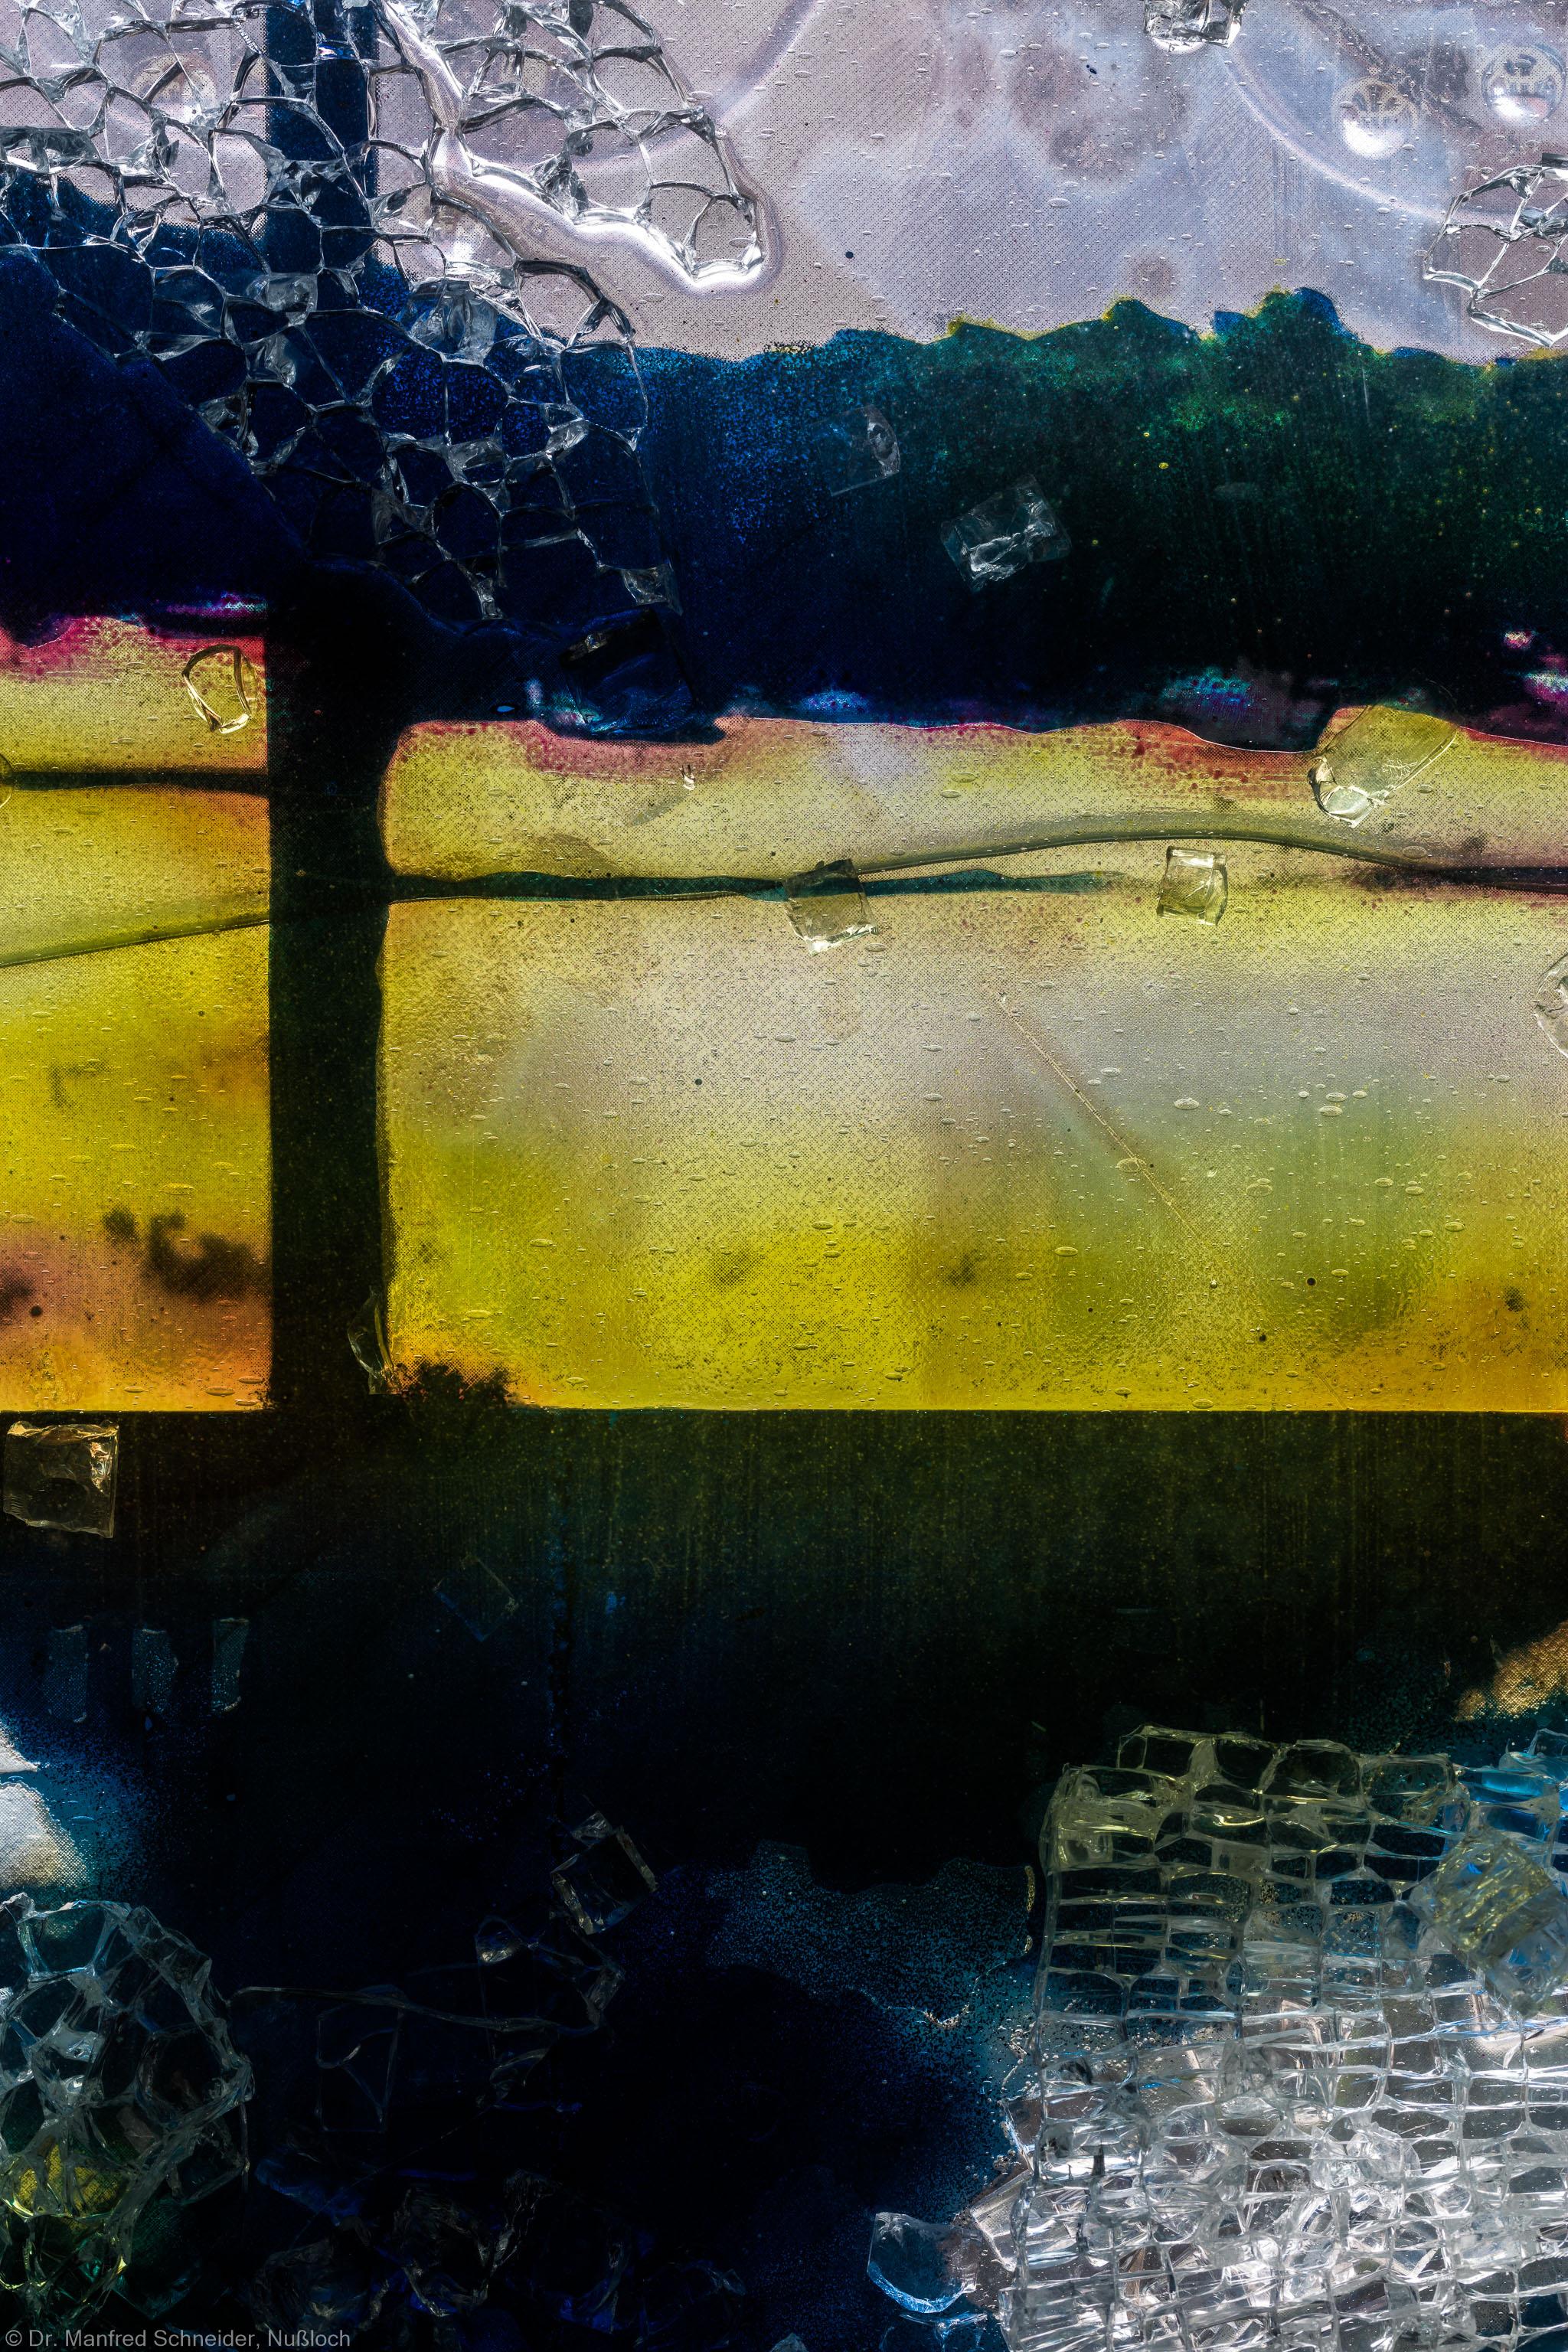 """Heidelberg - Heiliggeistkirche - Nordschiff - 3. Joch, von Westen aus gezählt - Ausschnitt aus Feld (mittlere Bahn, unterste Zeile) des Fensters """"Schöpfungsgeschichte - Gott sprach: es werde Licht"""" von Hella De Santarossa (aufgenommen im Oktober 2015, am Nachmittag)"""